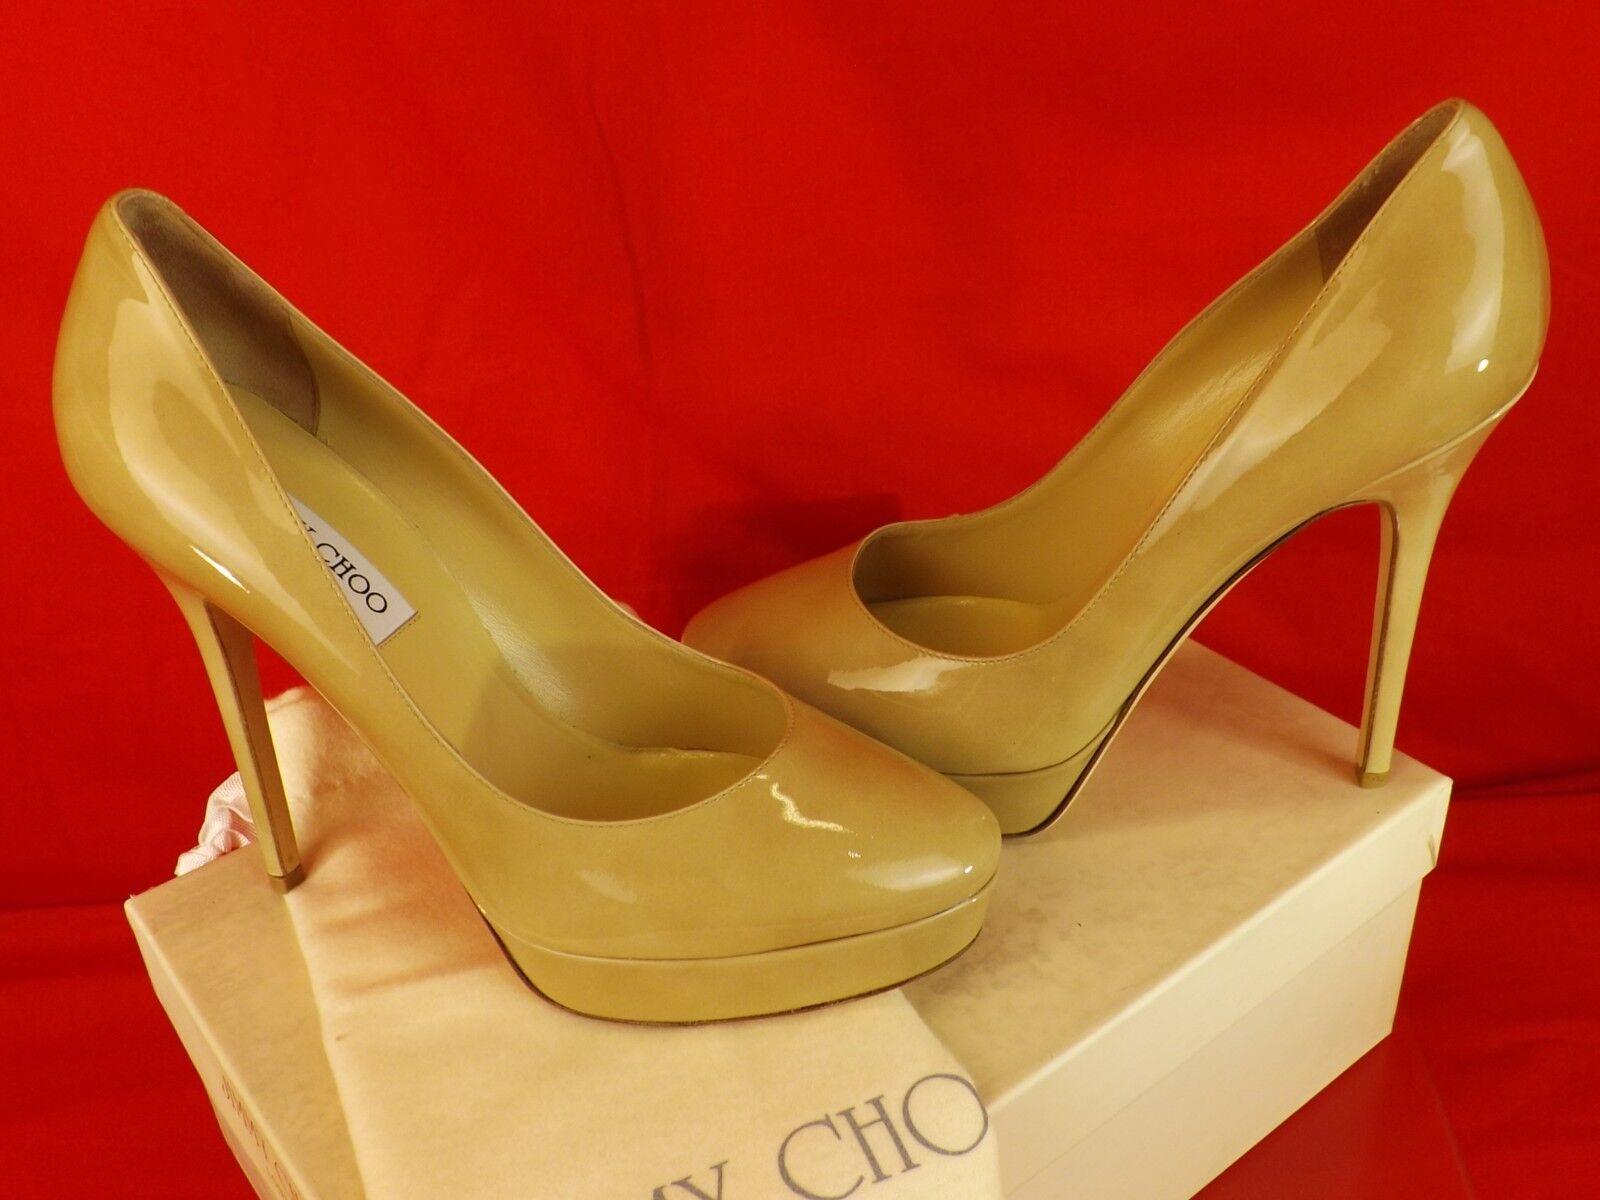 Nuevo En Caja Jimmy Choo Choo Choo Cosmic 120 Nude Charol Plataforma Zapatos De Salón 41.5  695 Clásico ef0bac